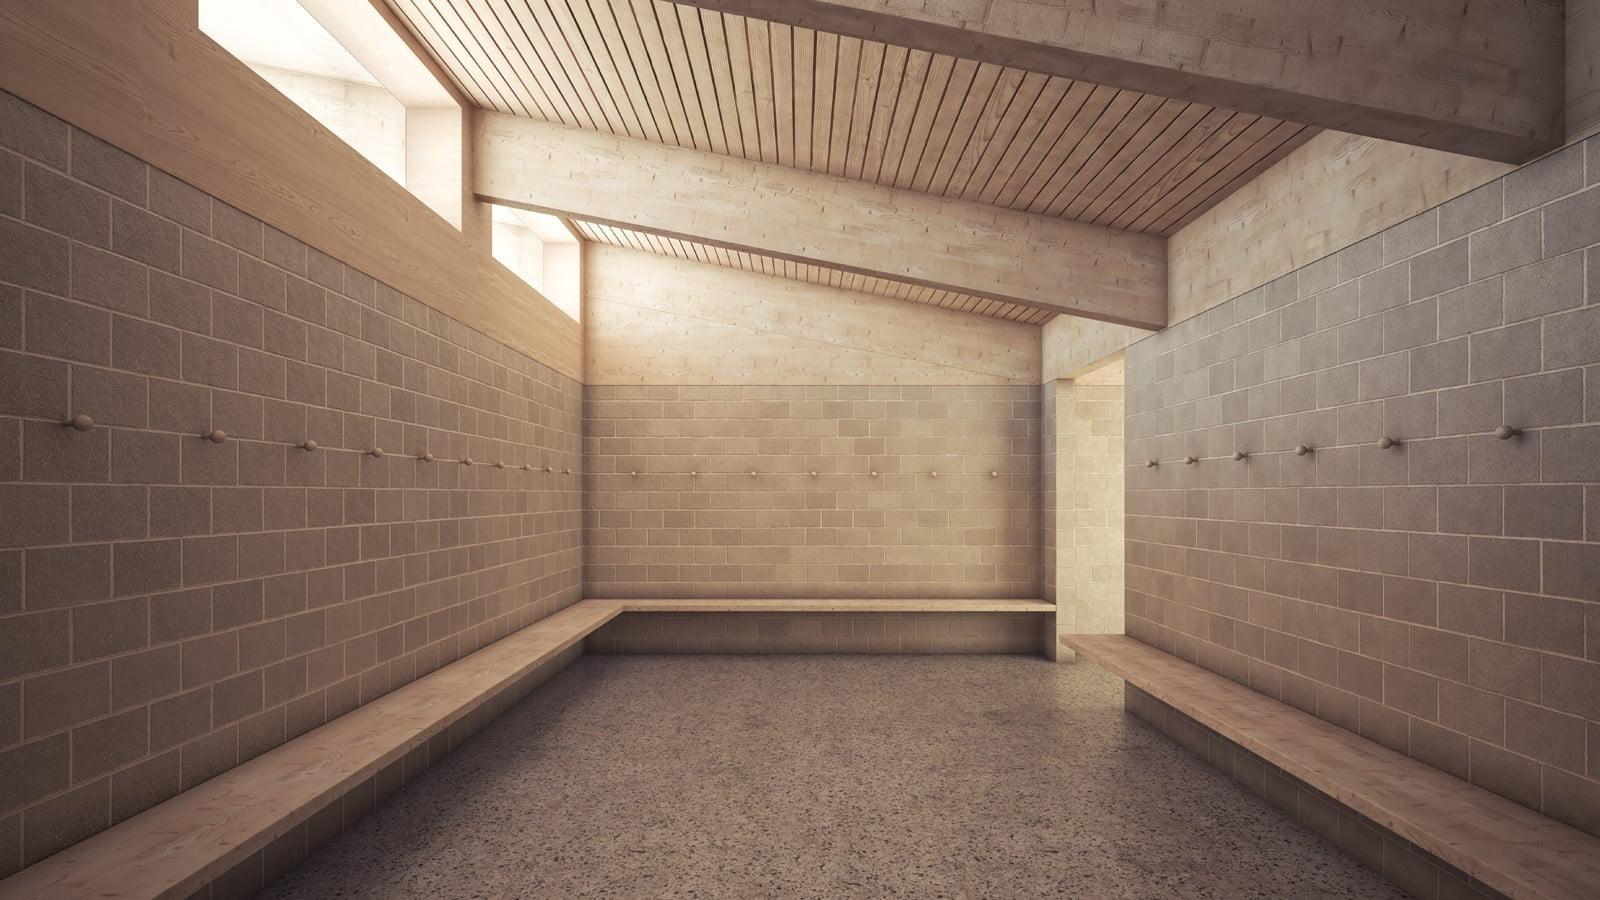 Kuettigen Ritzer, Innenansicht, Architekturvisualisierung, ikonaut